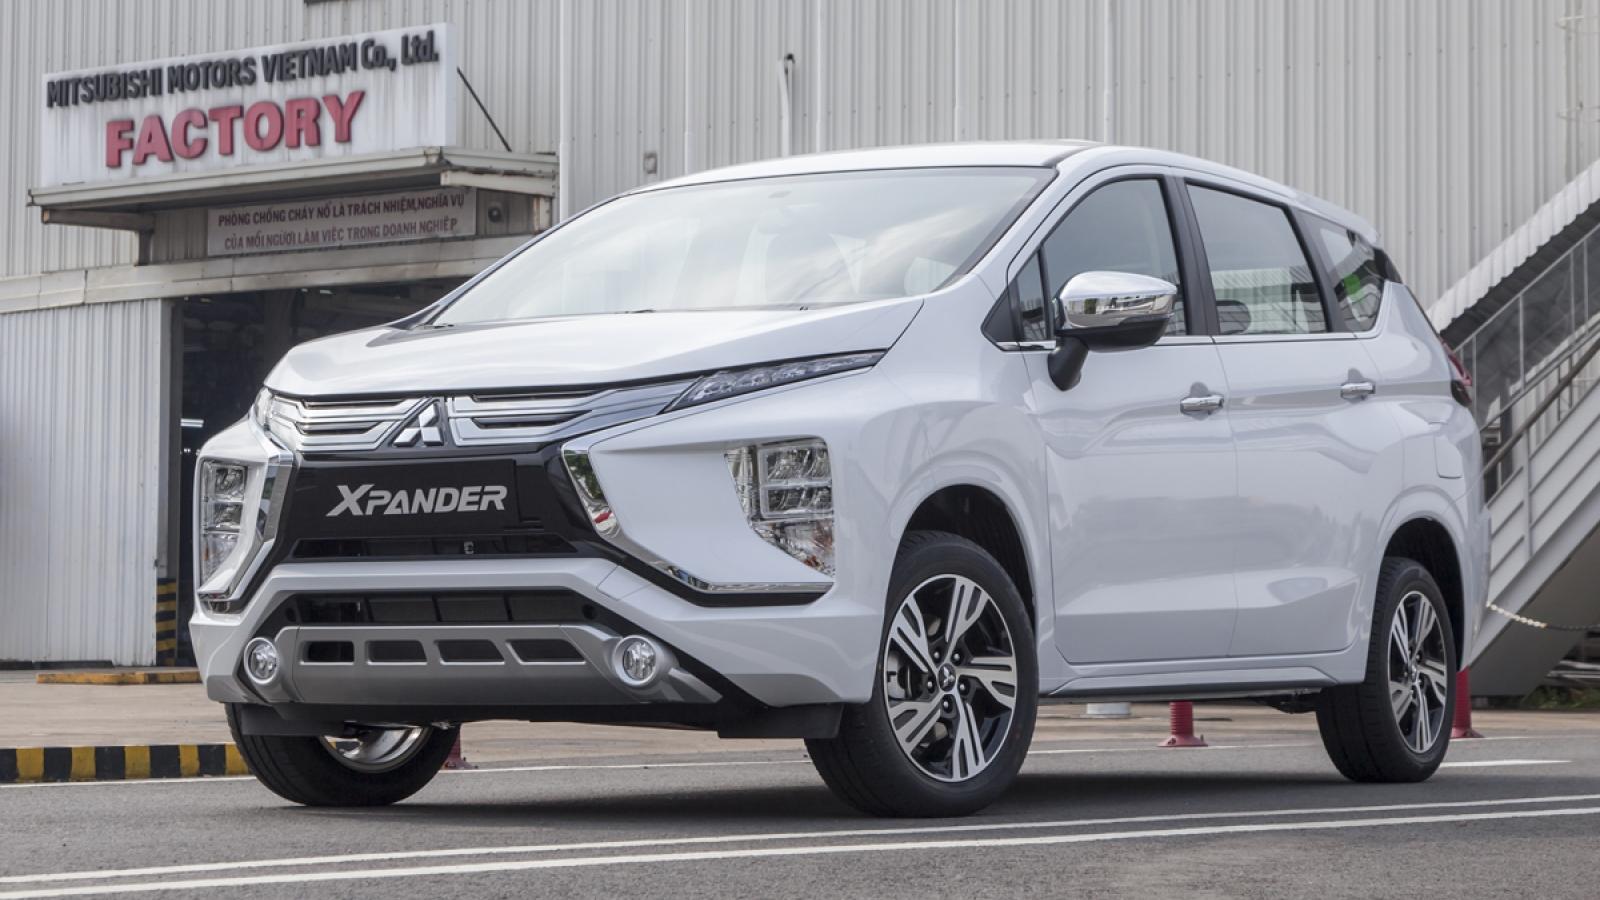 Mitsubishi Xpander tiếp tục thống trị phân khúc MPV tháng 5/2021